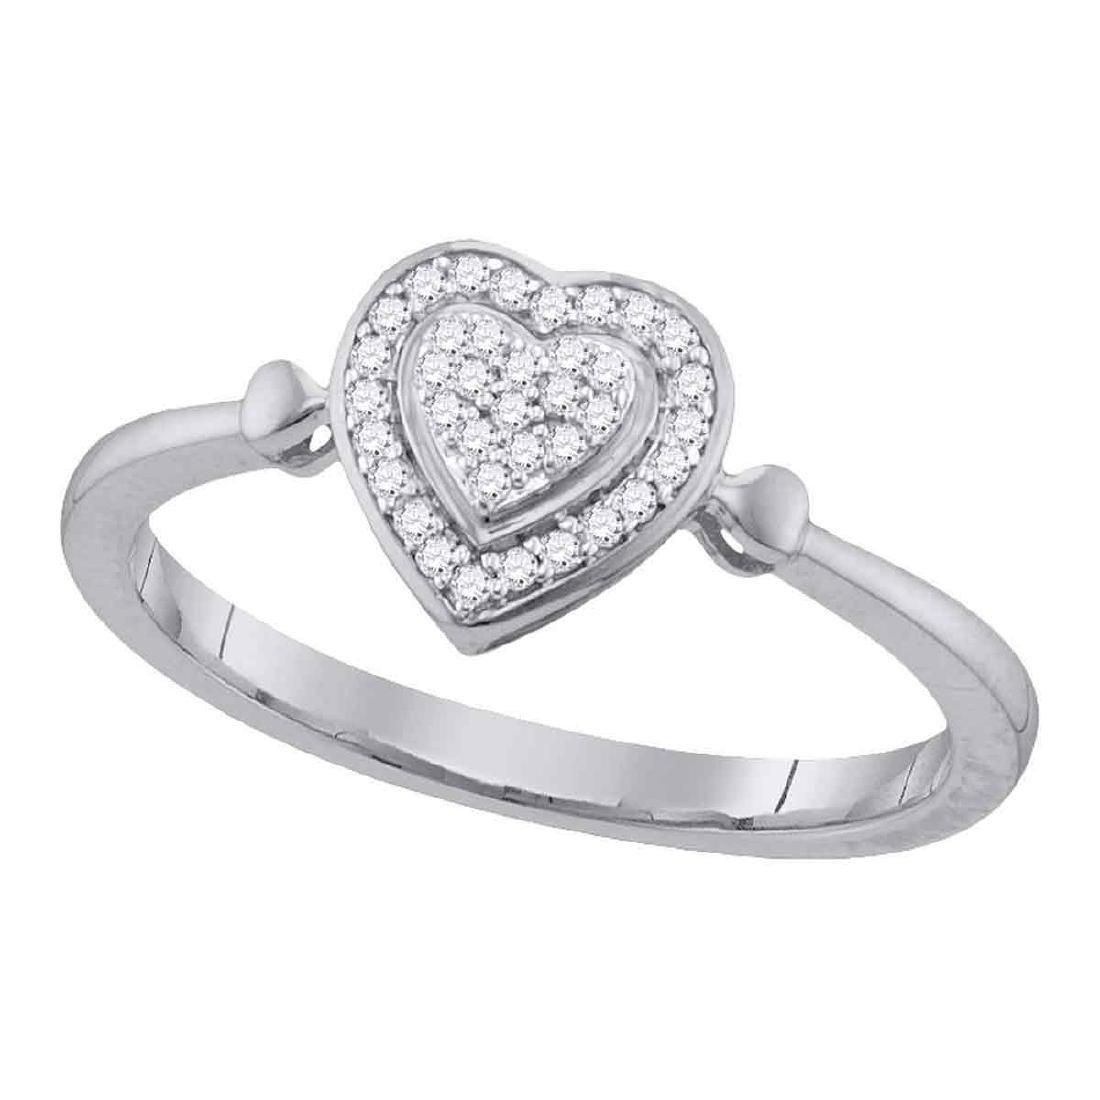 0.10 CTW Diamond Heart Ring 10KT White Gold - REF-12F8N